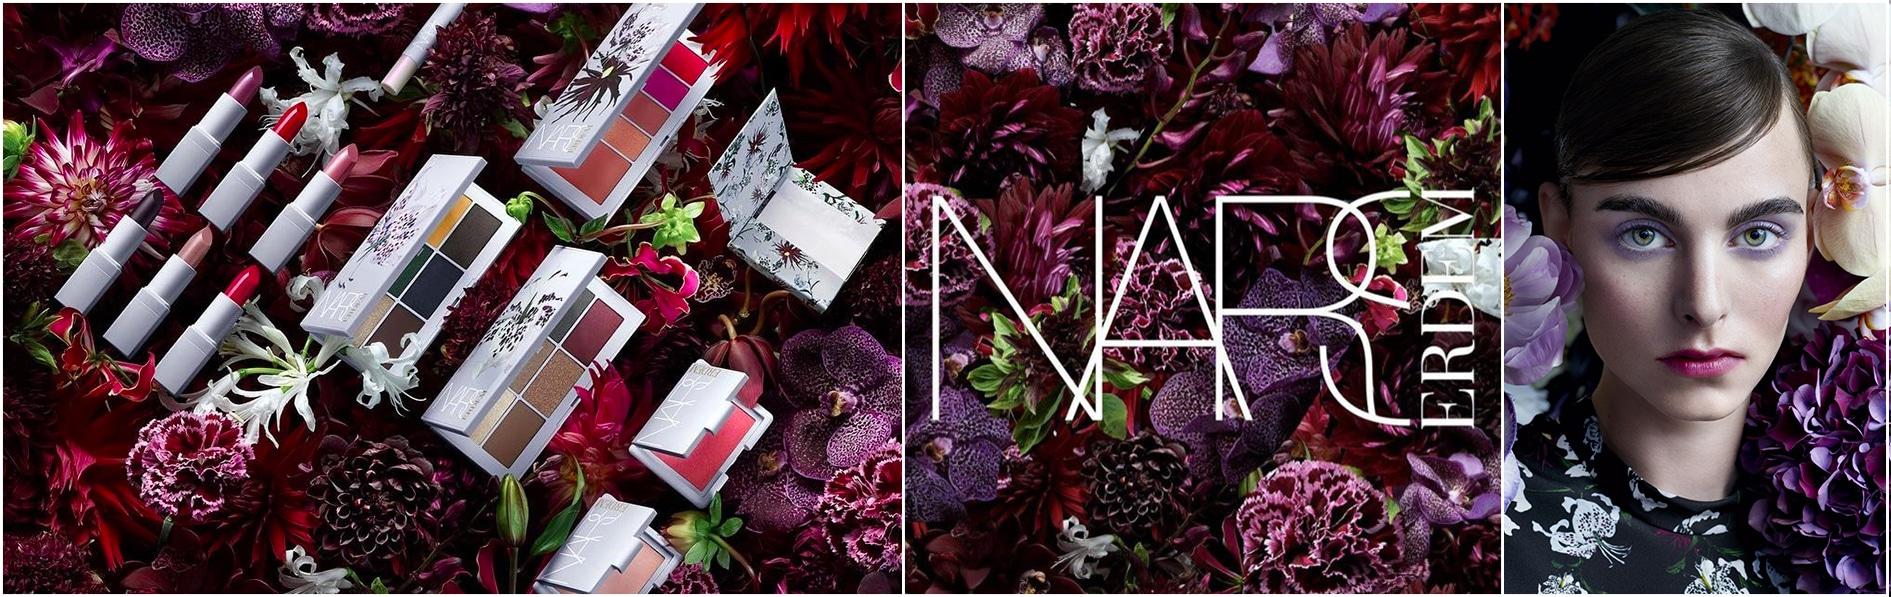 La nuova Erdem for NARS Strange Flowers Collection - review, recensione, data uscita, info, prezzo, dove acquistare